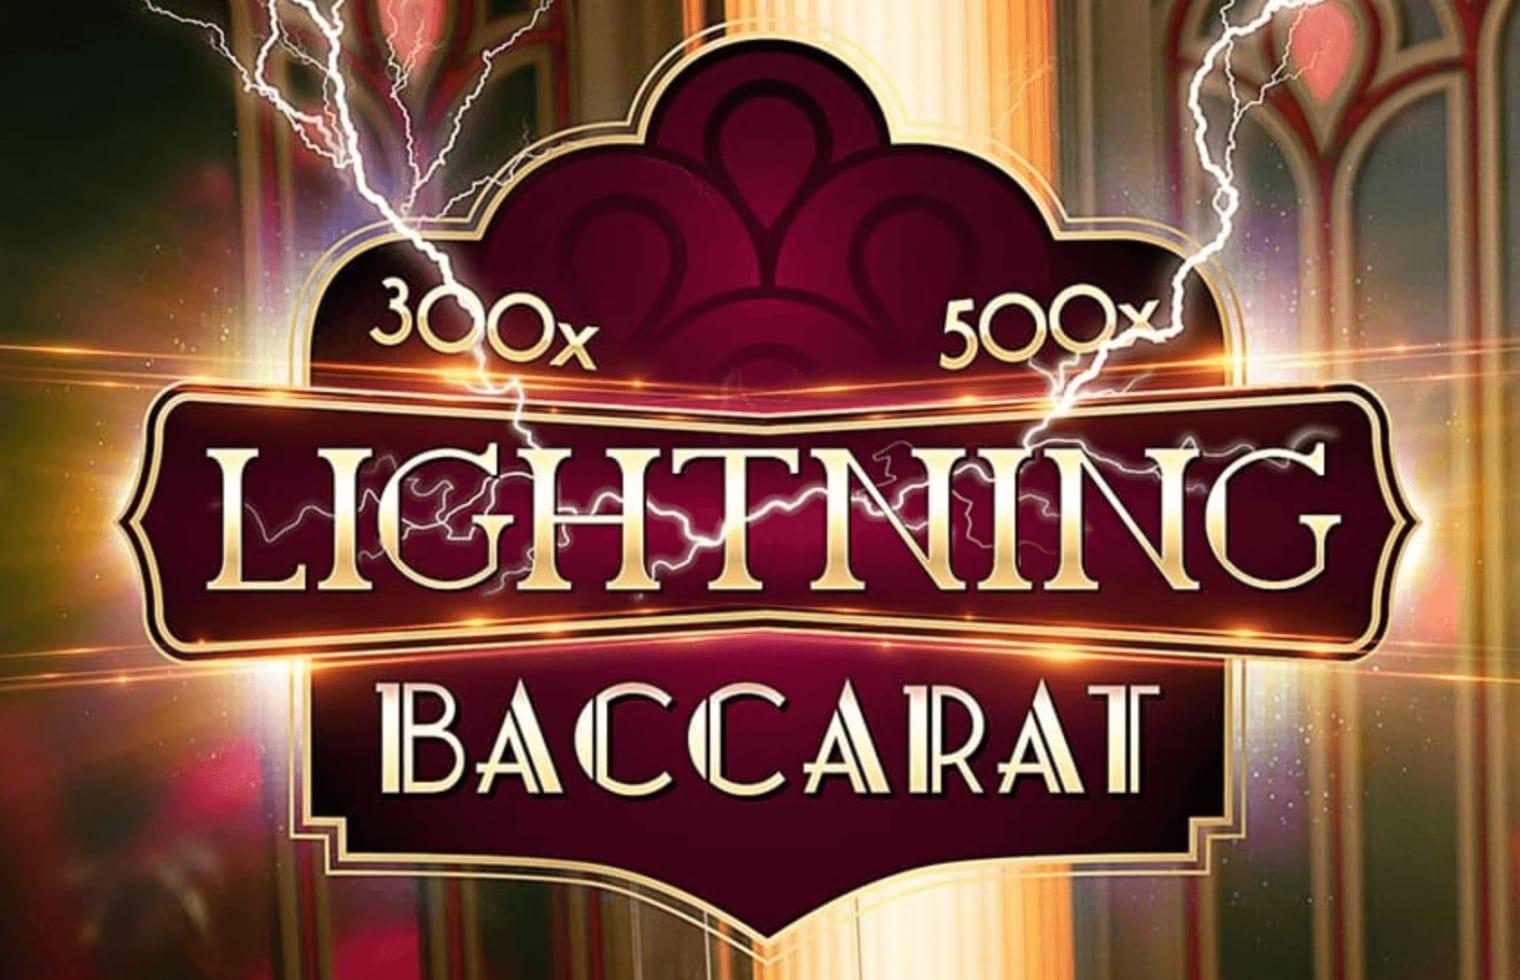 Live Lightning Baccarat